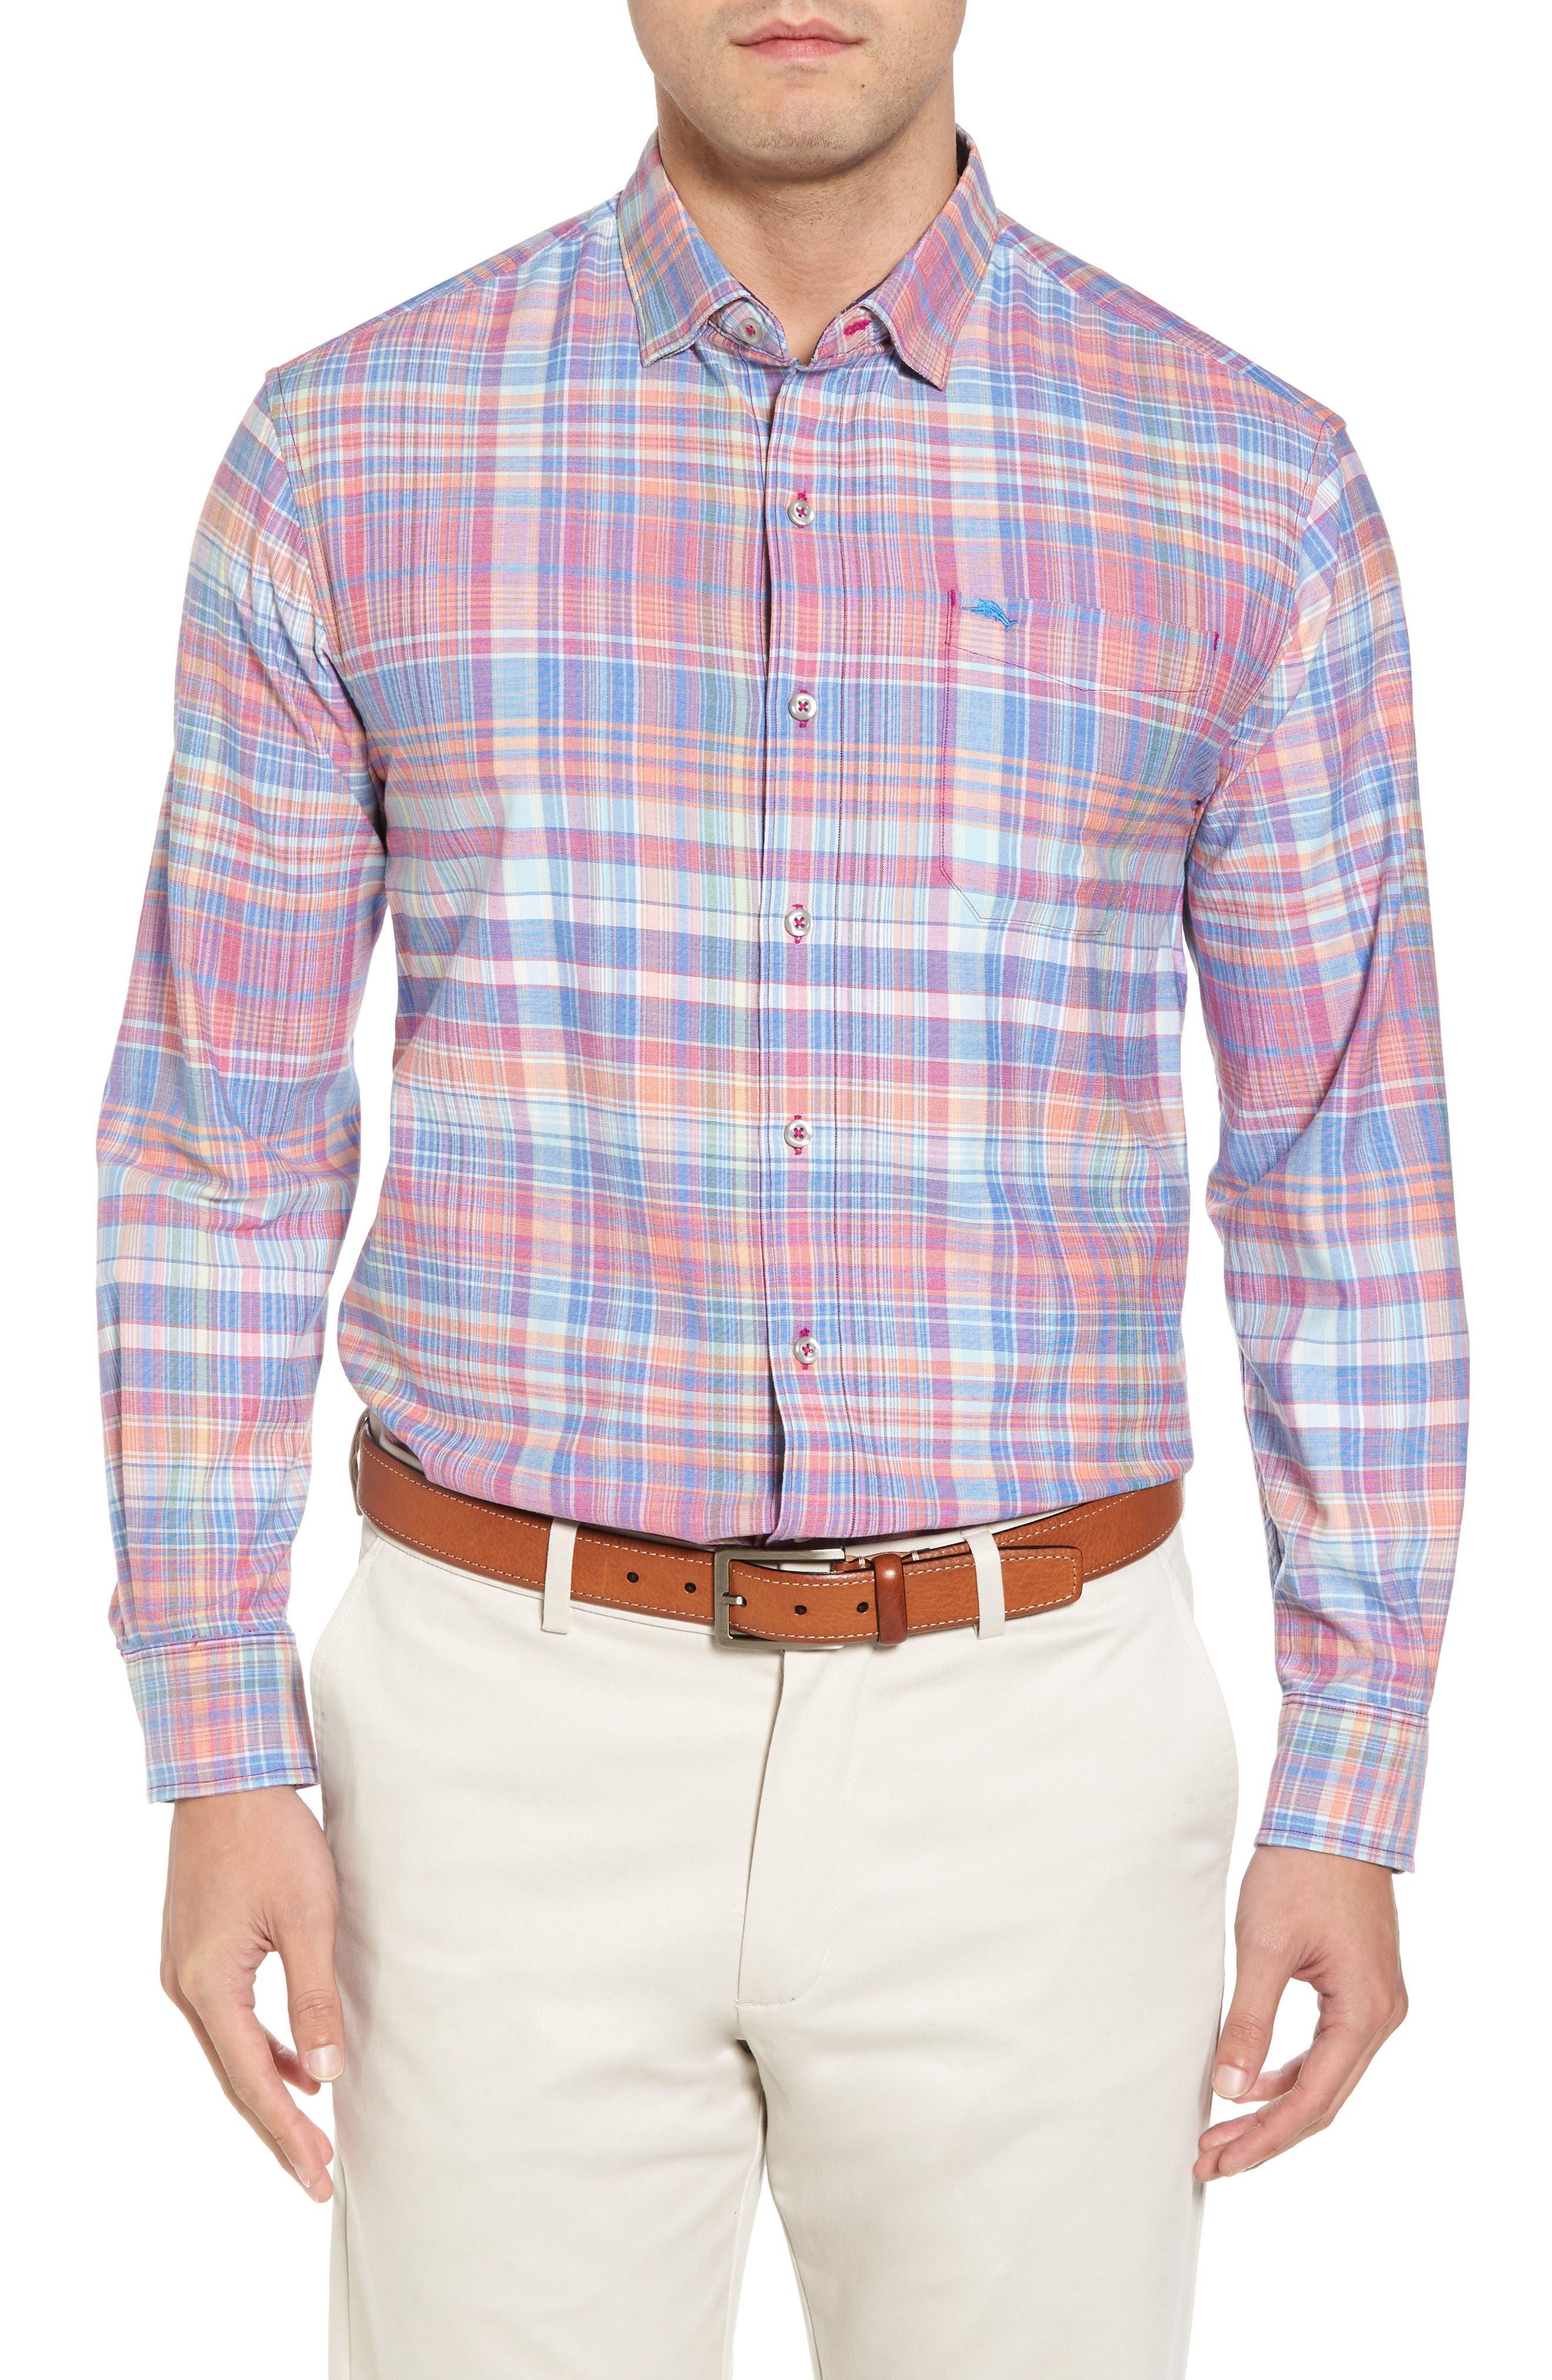 Mangrove Madras Plaid Sport Shirt,                         Main,                         color, 650